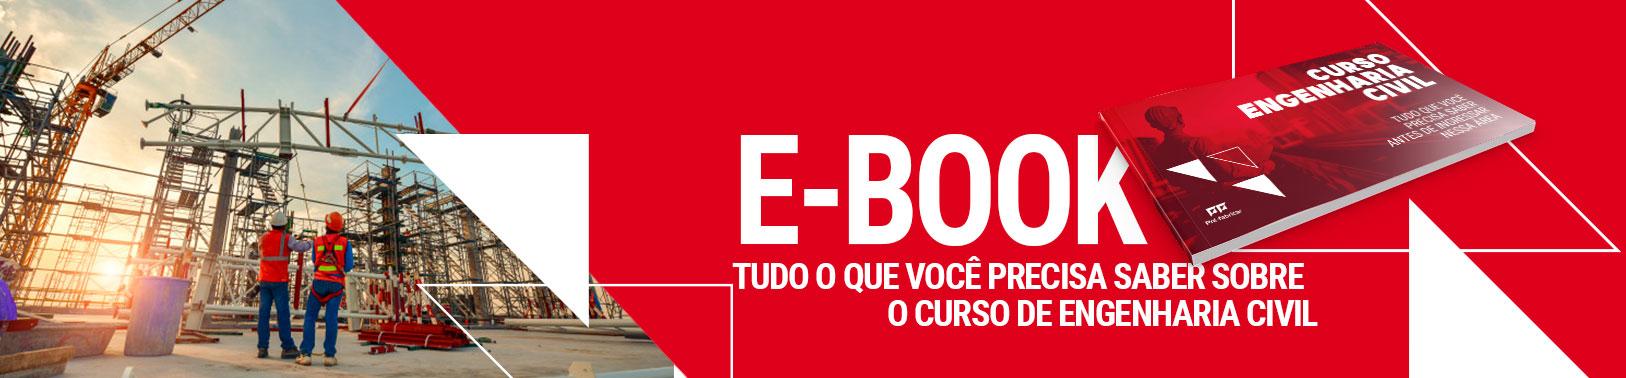 E-book Sobre o Curso de Engenharia Civil